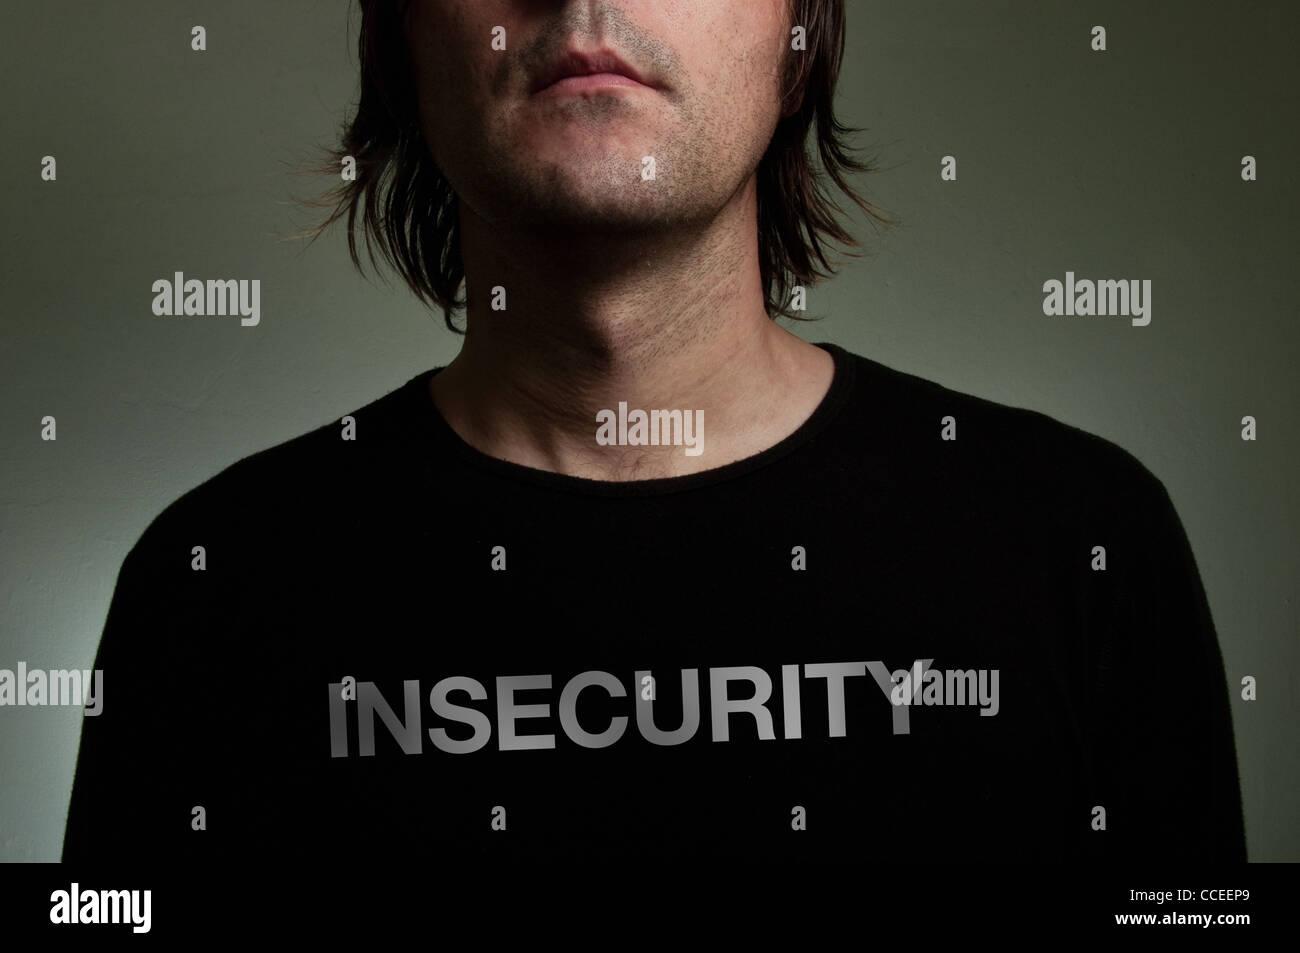 Homme portant une chemise noire avec 'insécurité' titre sur sa poitrine. Shiness, l'insécurité, Photo Stock